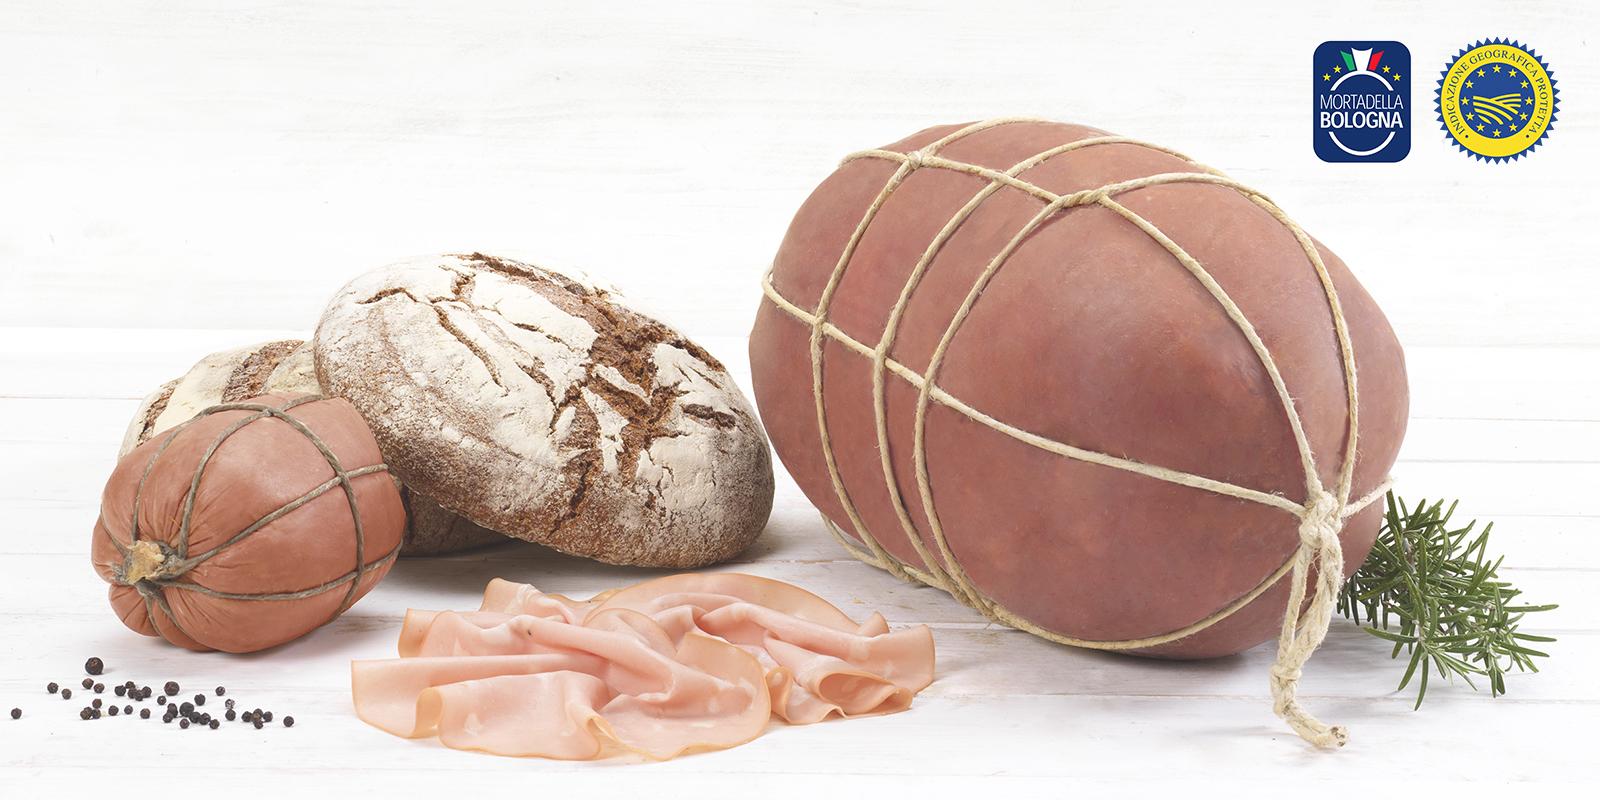 Croissants of pistachio bread with Mortadella Bologna PGI